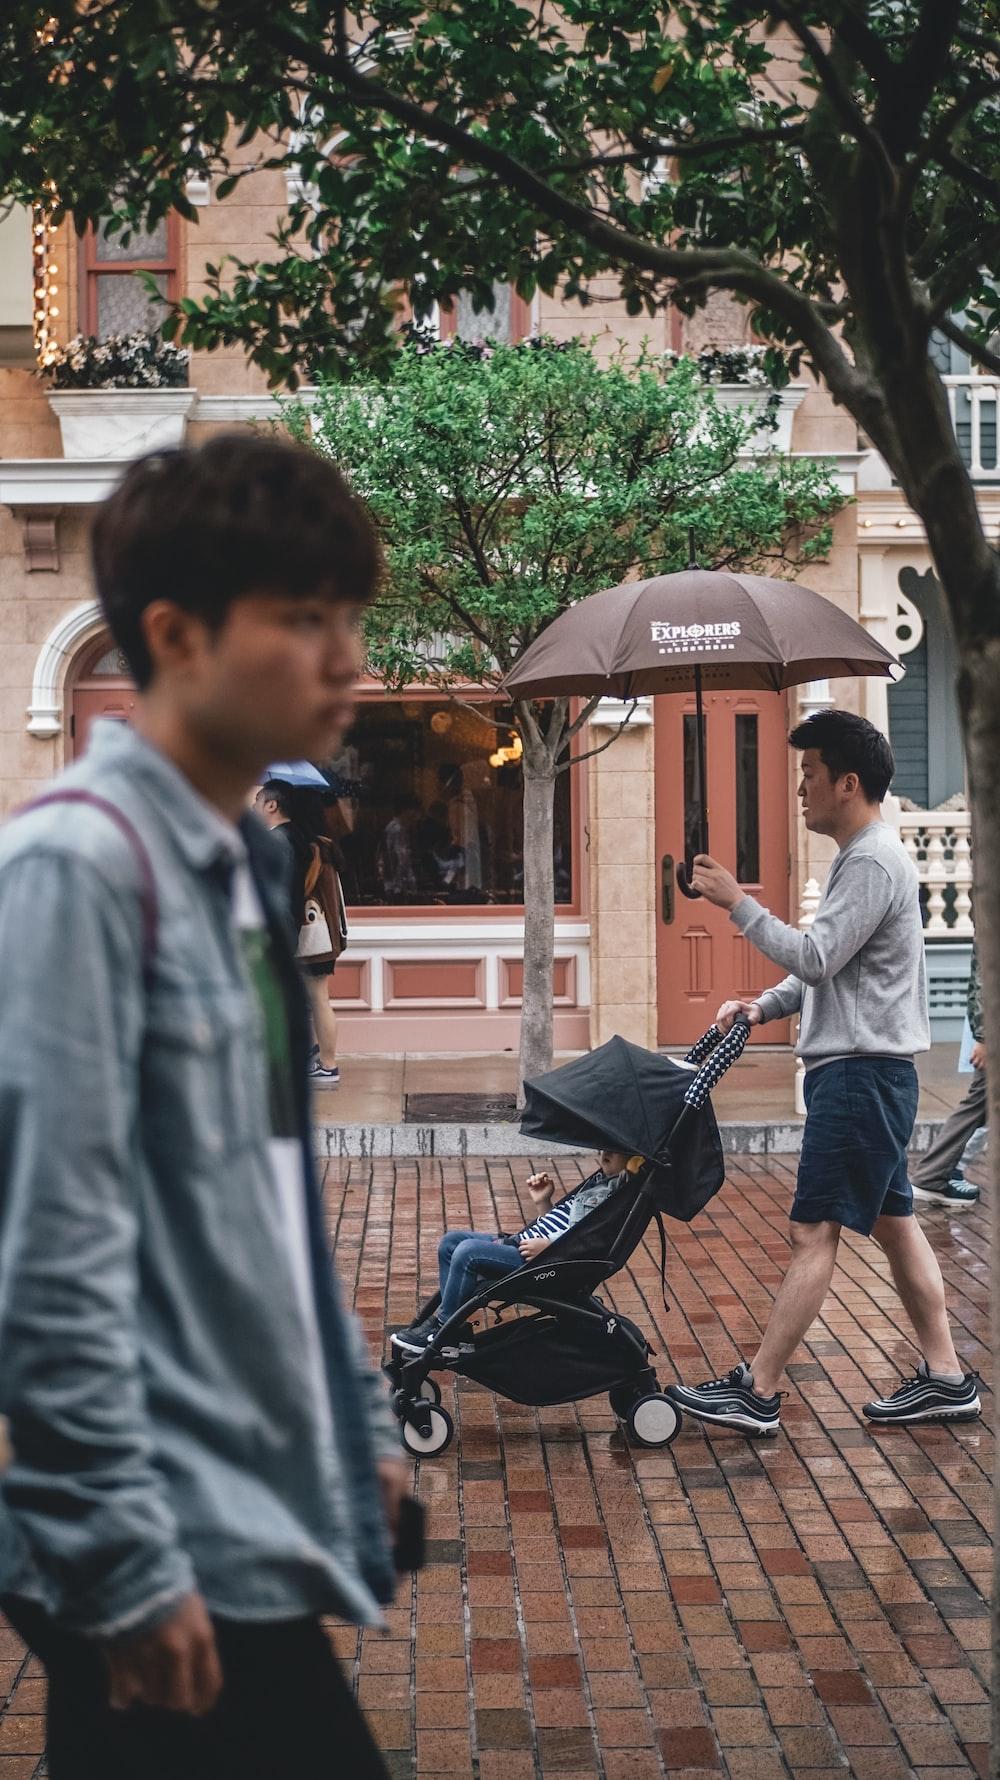 man holding umbrella while pushing stroller